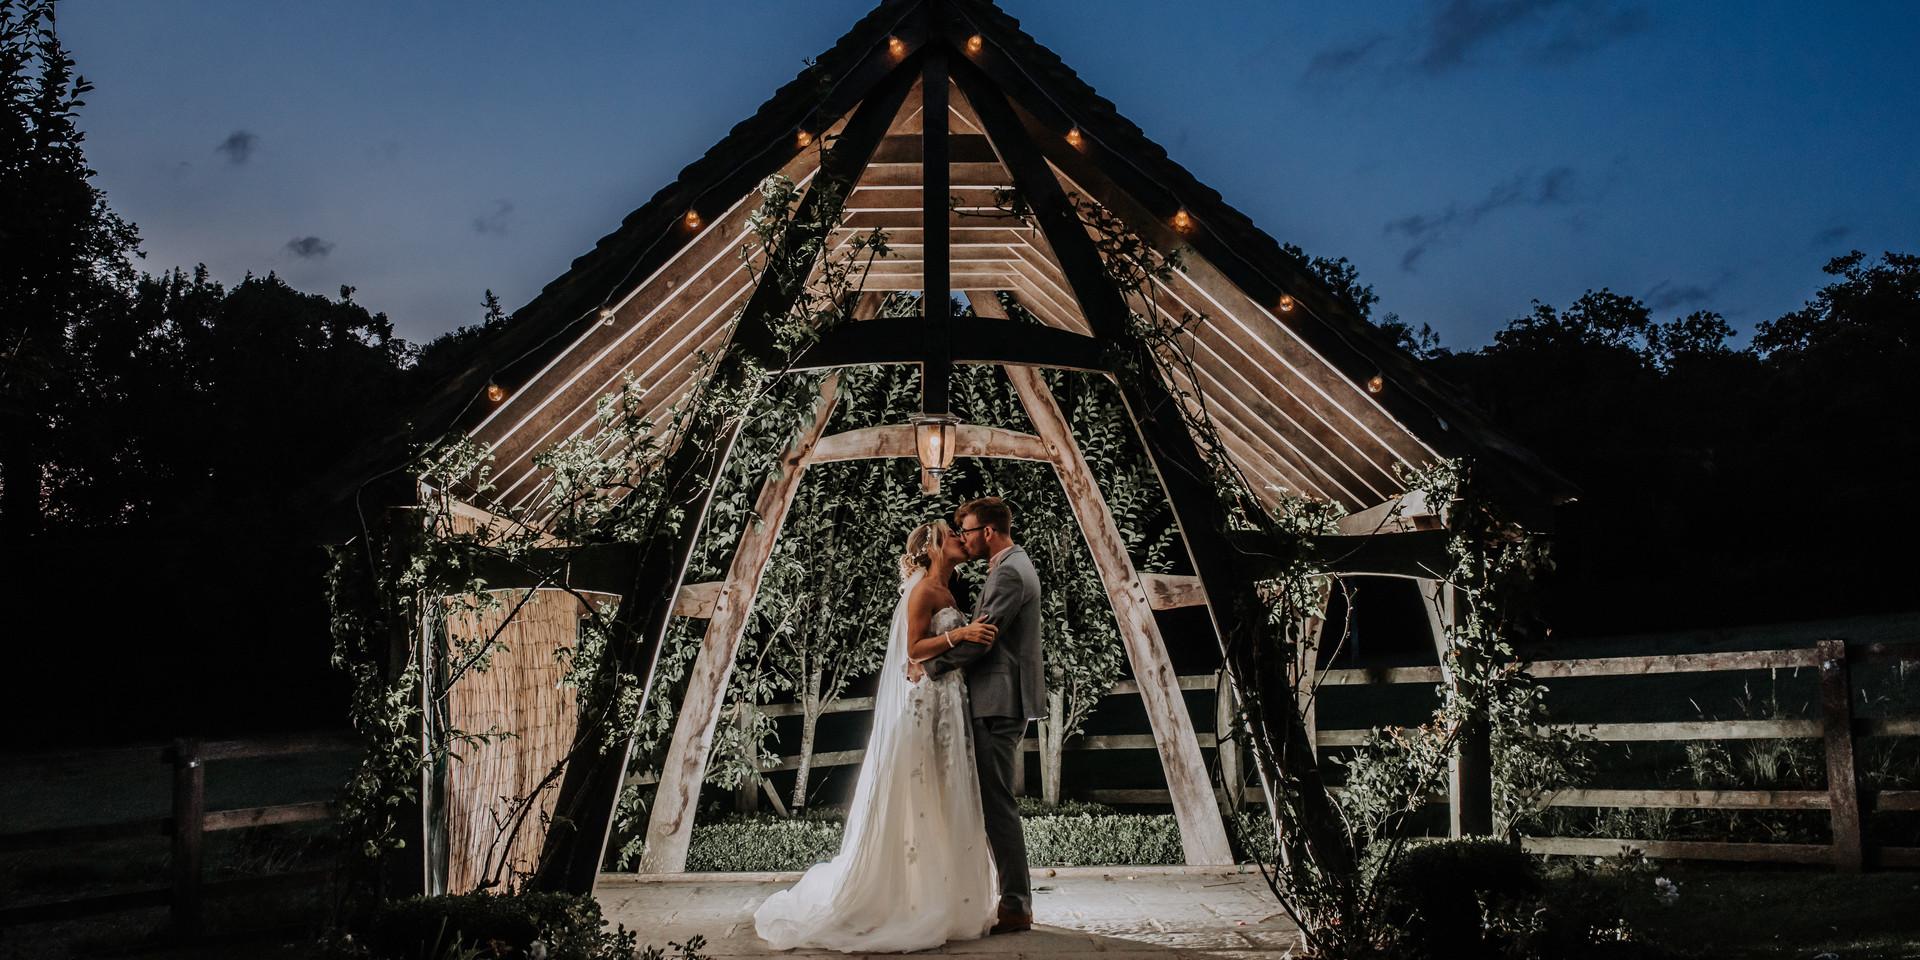 Bride and Groom kissing under moonlight